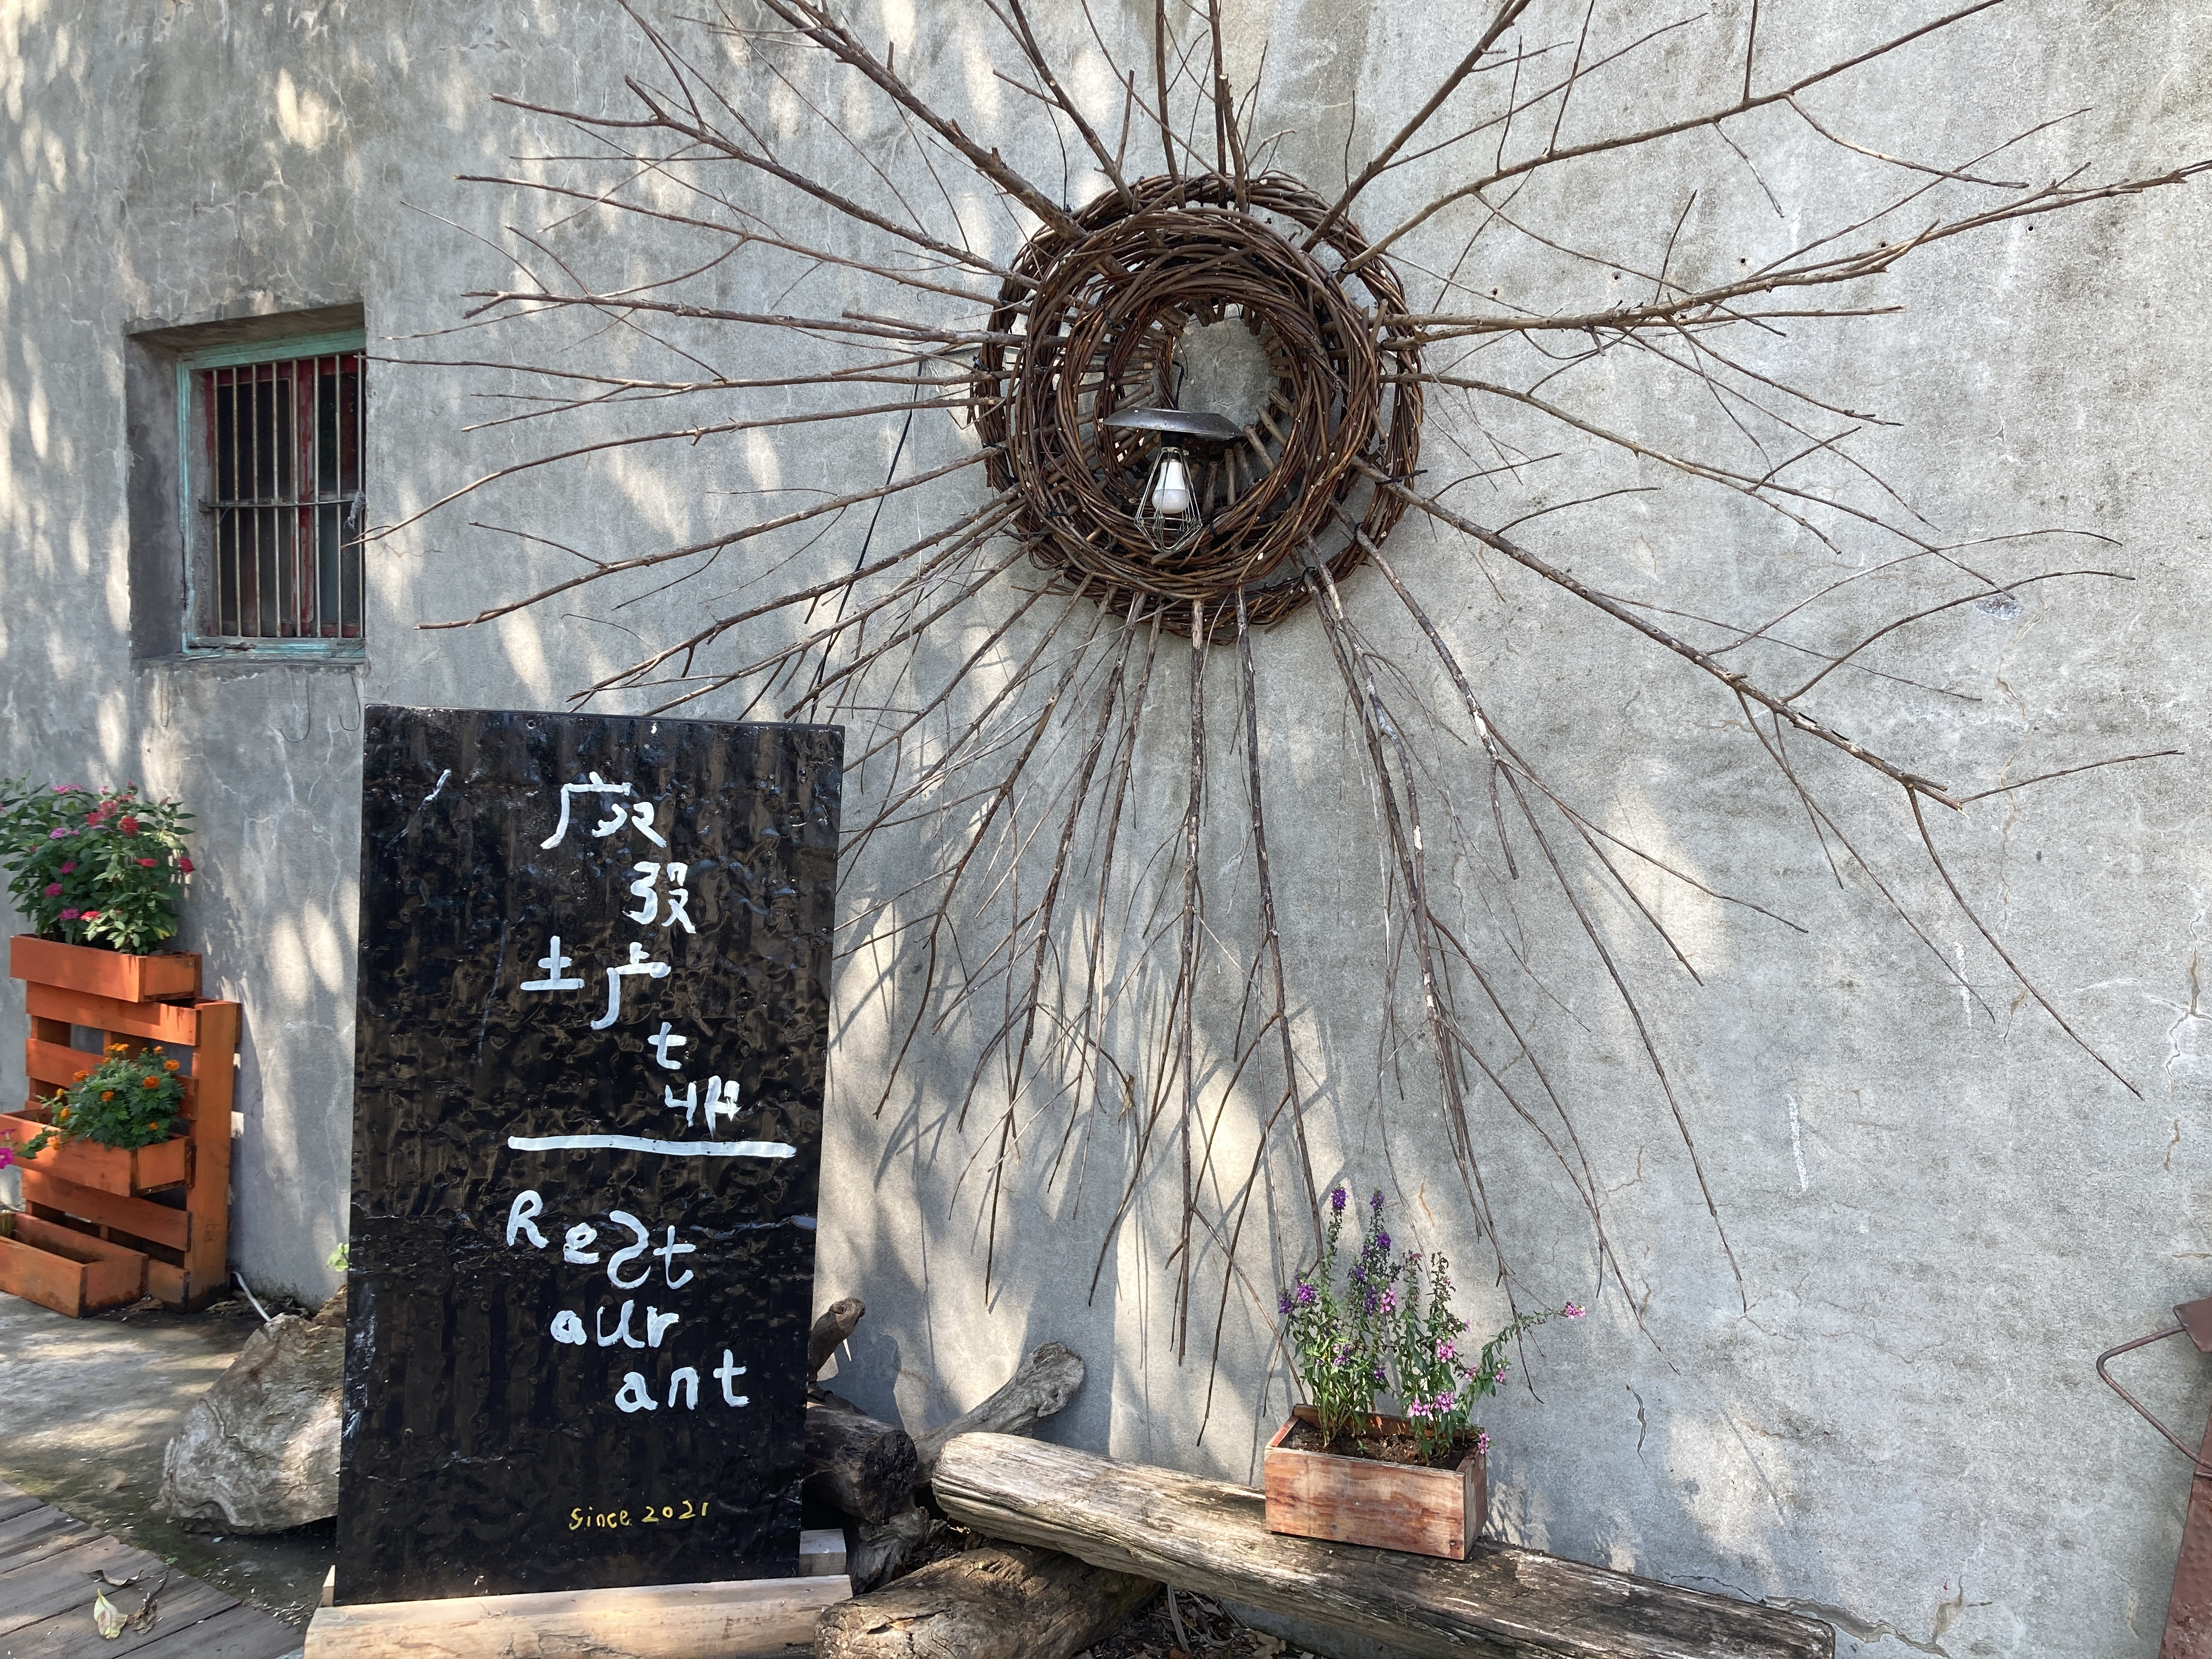 圖一:來到廢墟餐廳,倒過來的S是誌汶老師不識字的母親寫的/攝影:宗洧